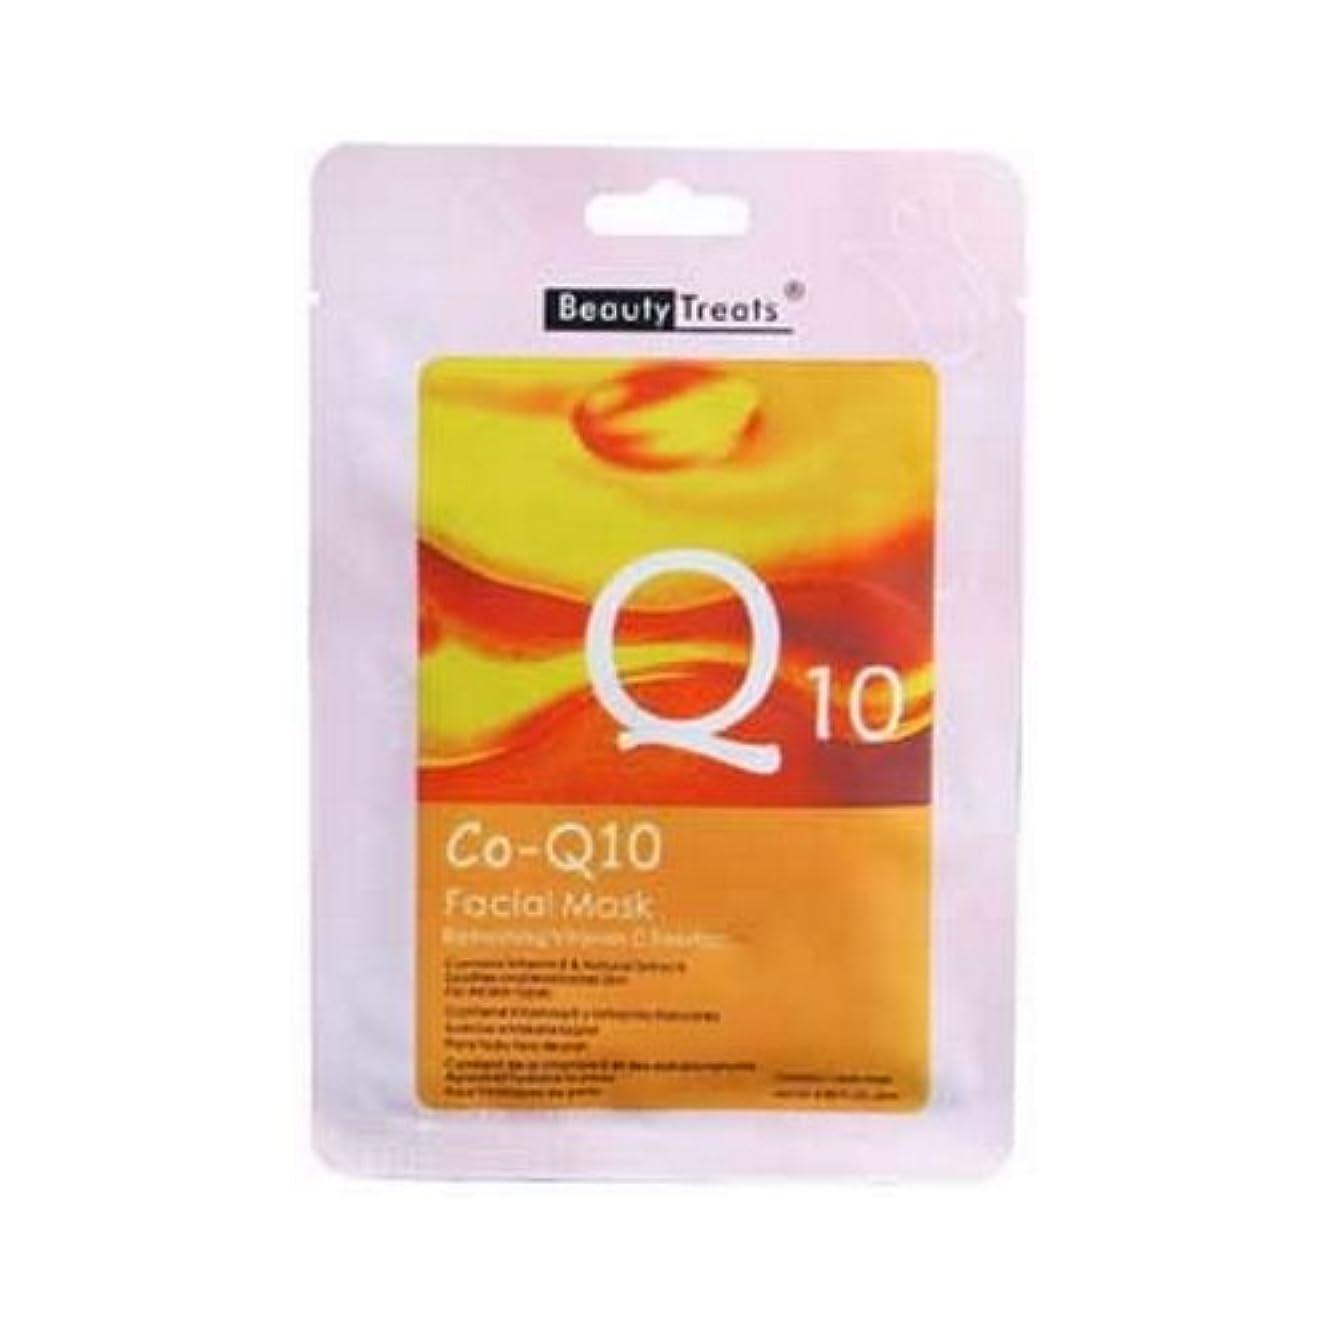 残高ショルダーバーチャル(6 Pack) BEAUTY TREATS Facial Mask Refreshing Vitamin C Solution - Co-Q10 (並行輸入品)